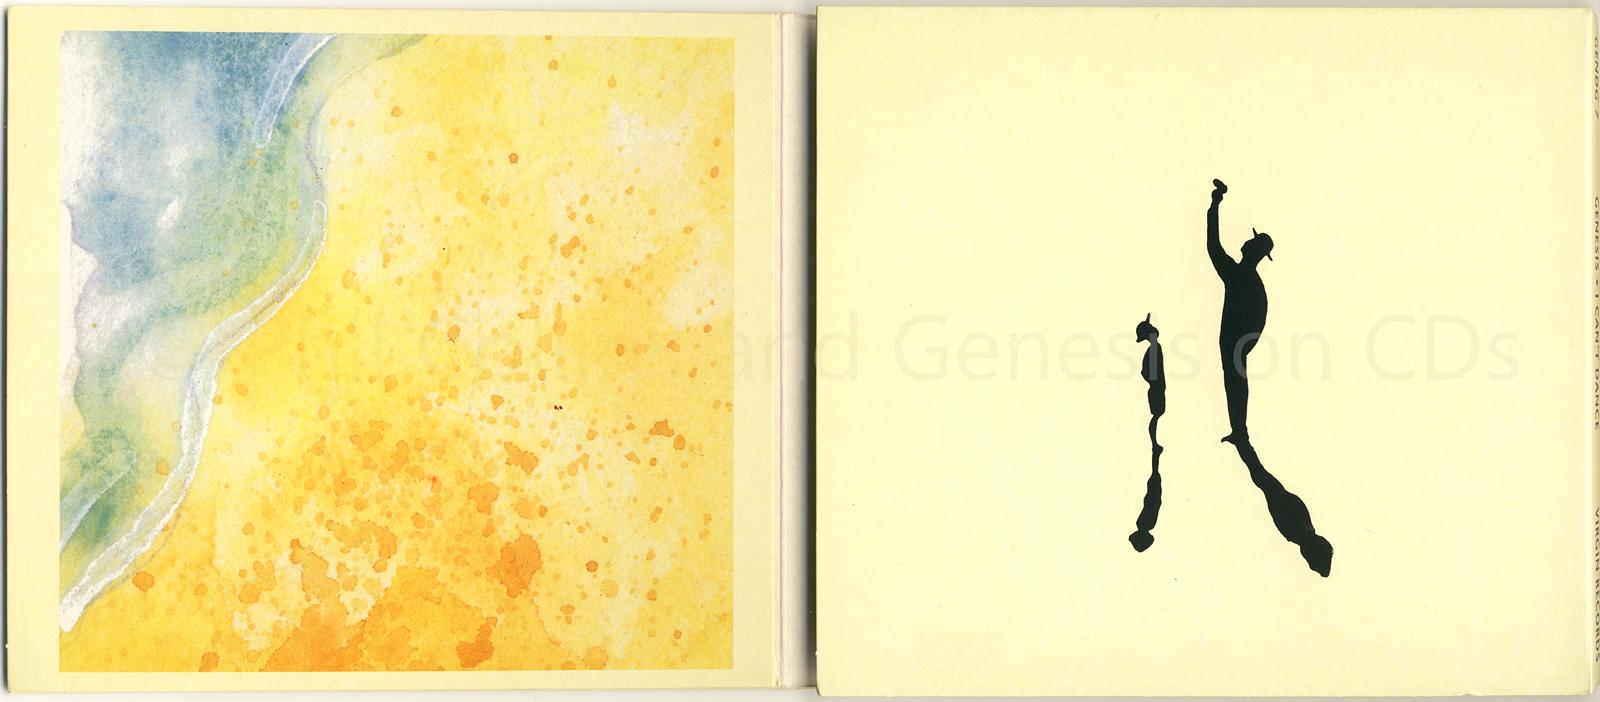 GENDG-7